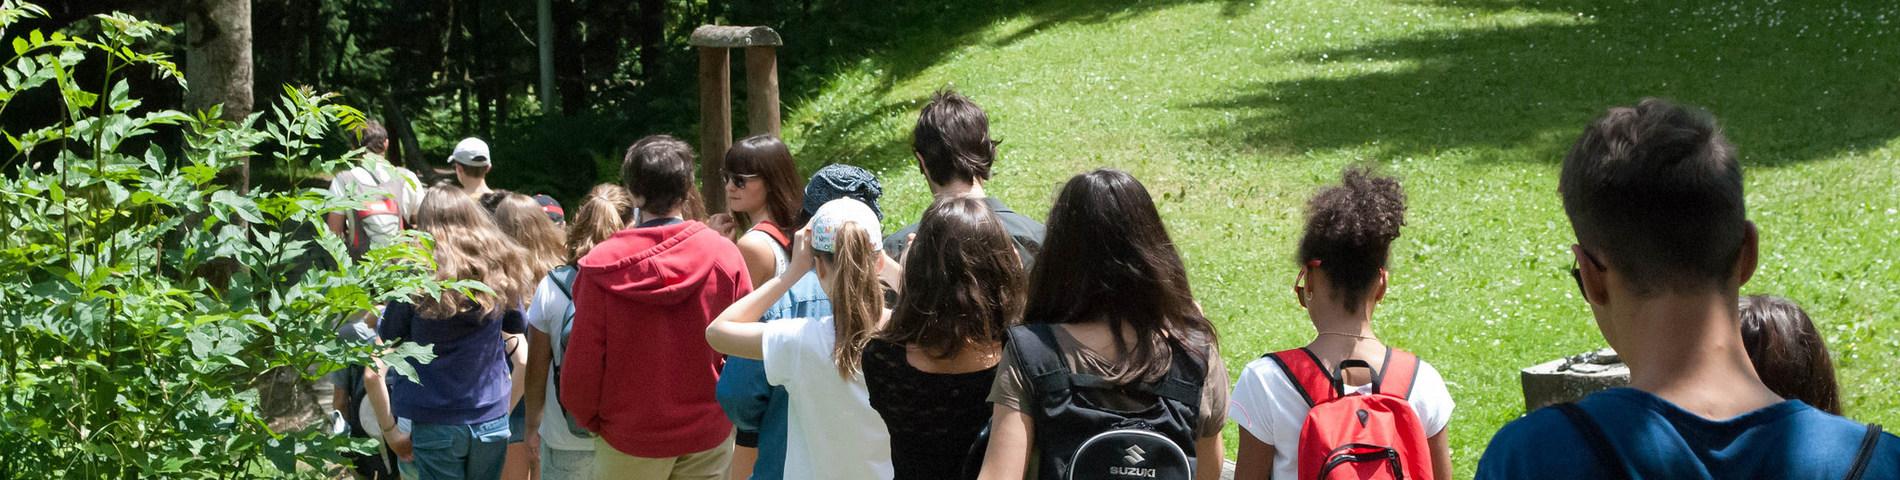 friLingue Language Camps picture 1